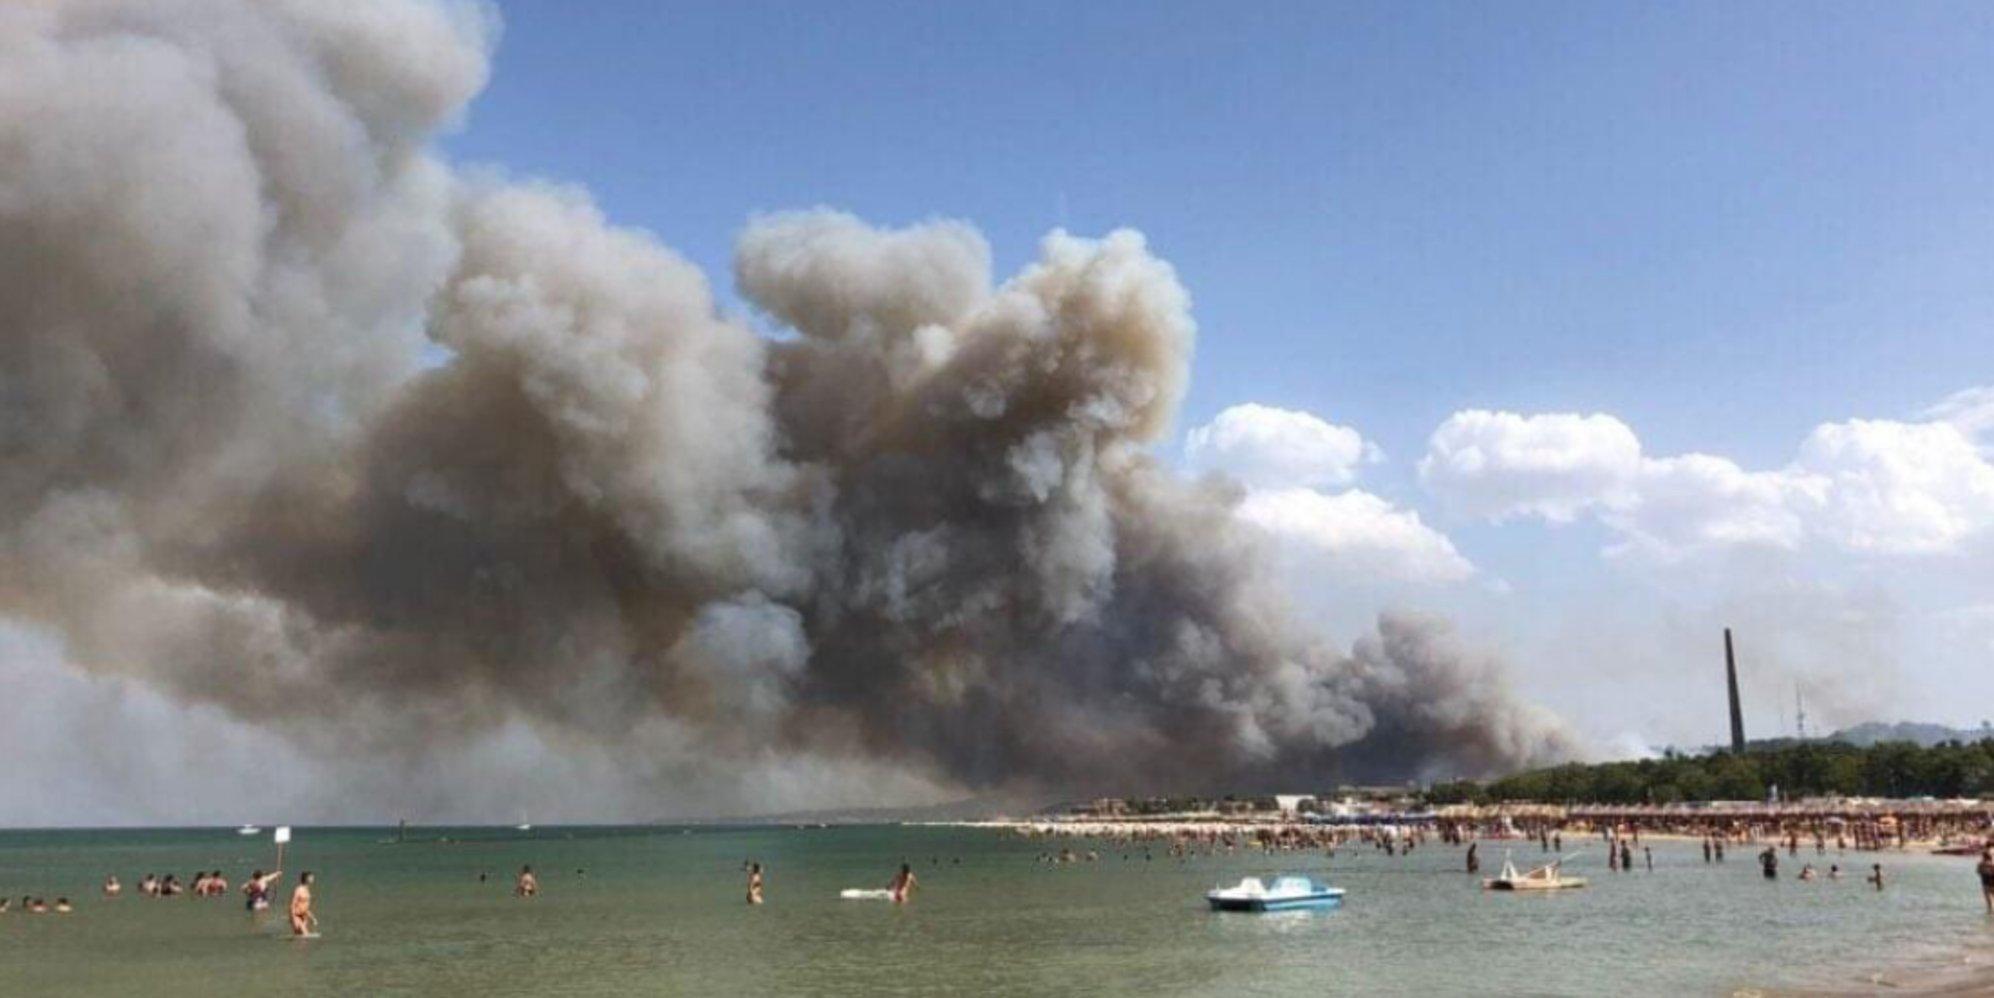 Incendi a Pescara, l'azione degli elicotteri per spegnere le fiamme: le immagini girate a bordo – Video